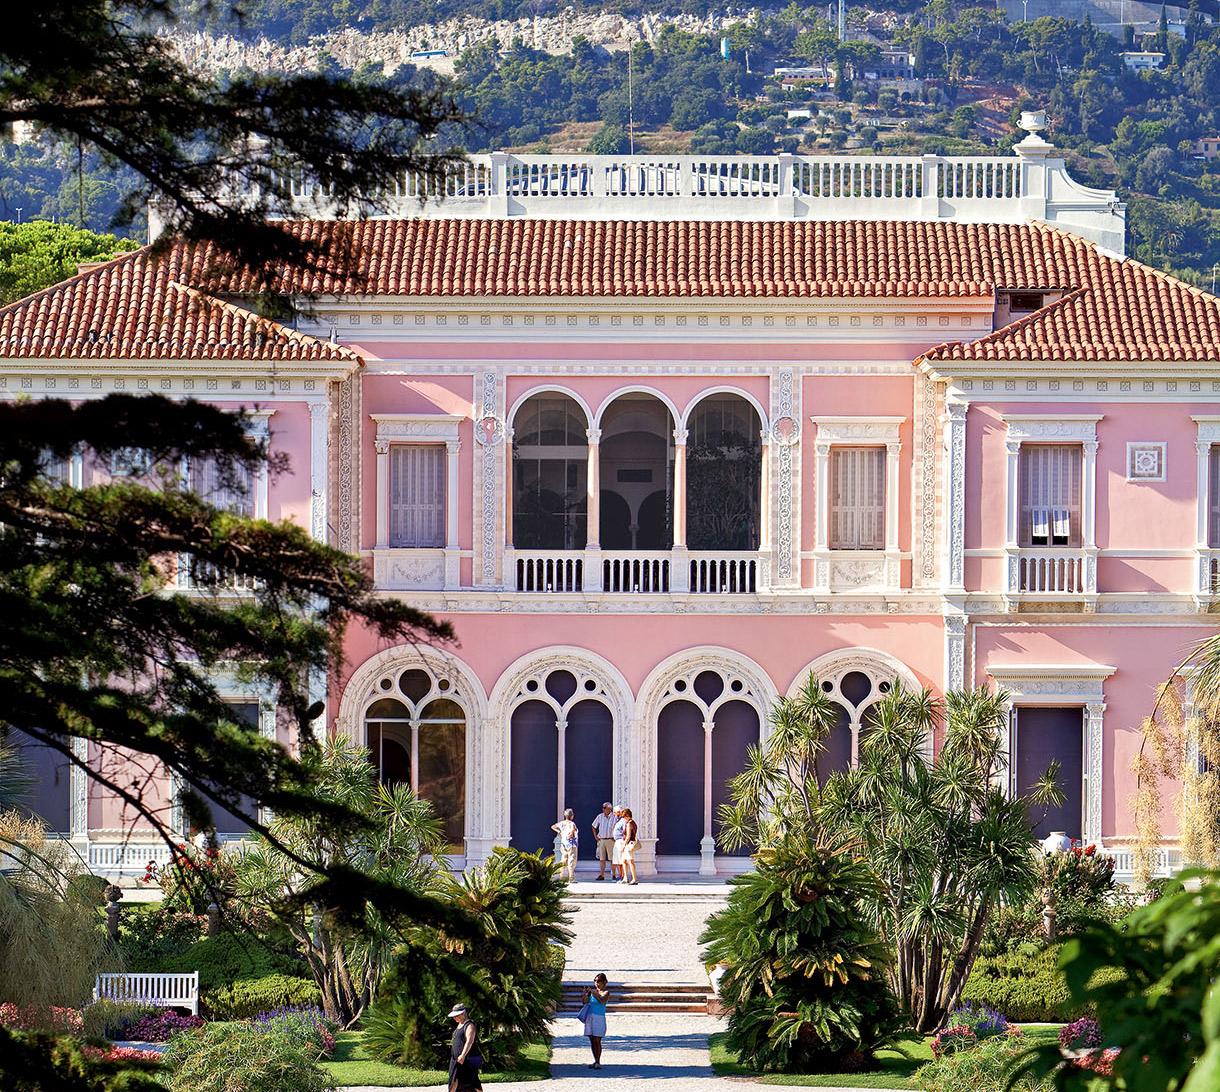 C te d 39 azur villa ephrussi de rothschild un joyau de la - Maison ephrussi de rothschild ...